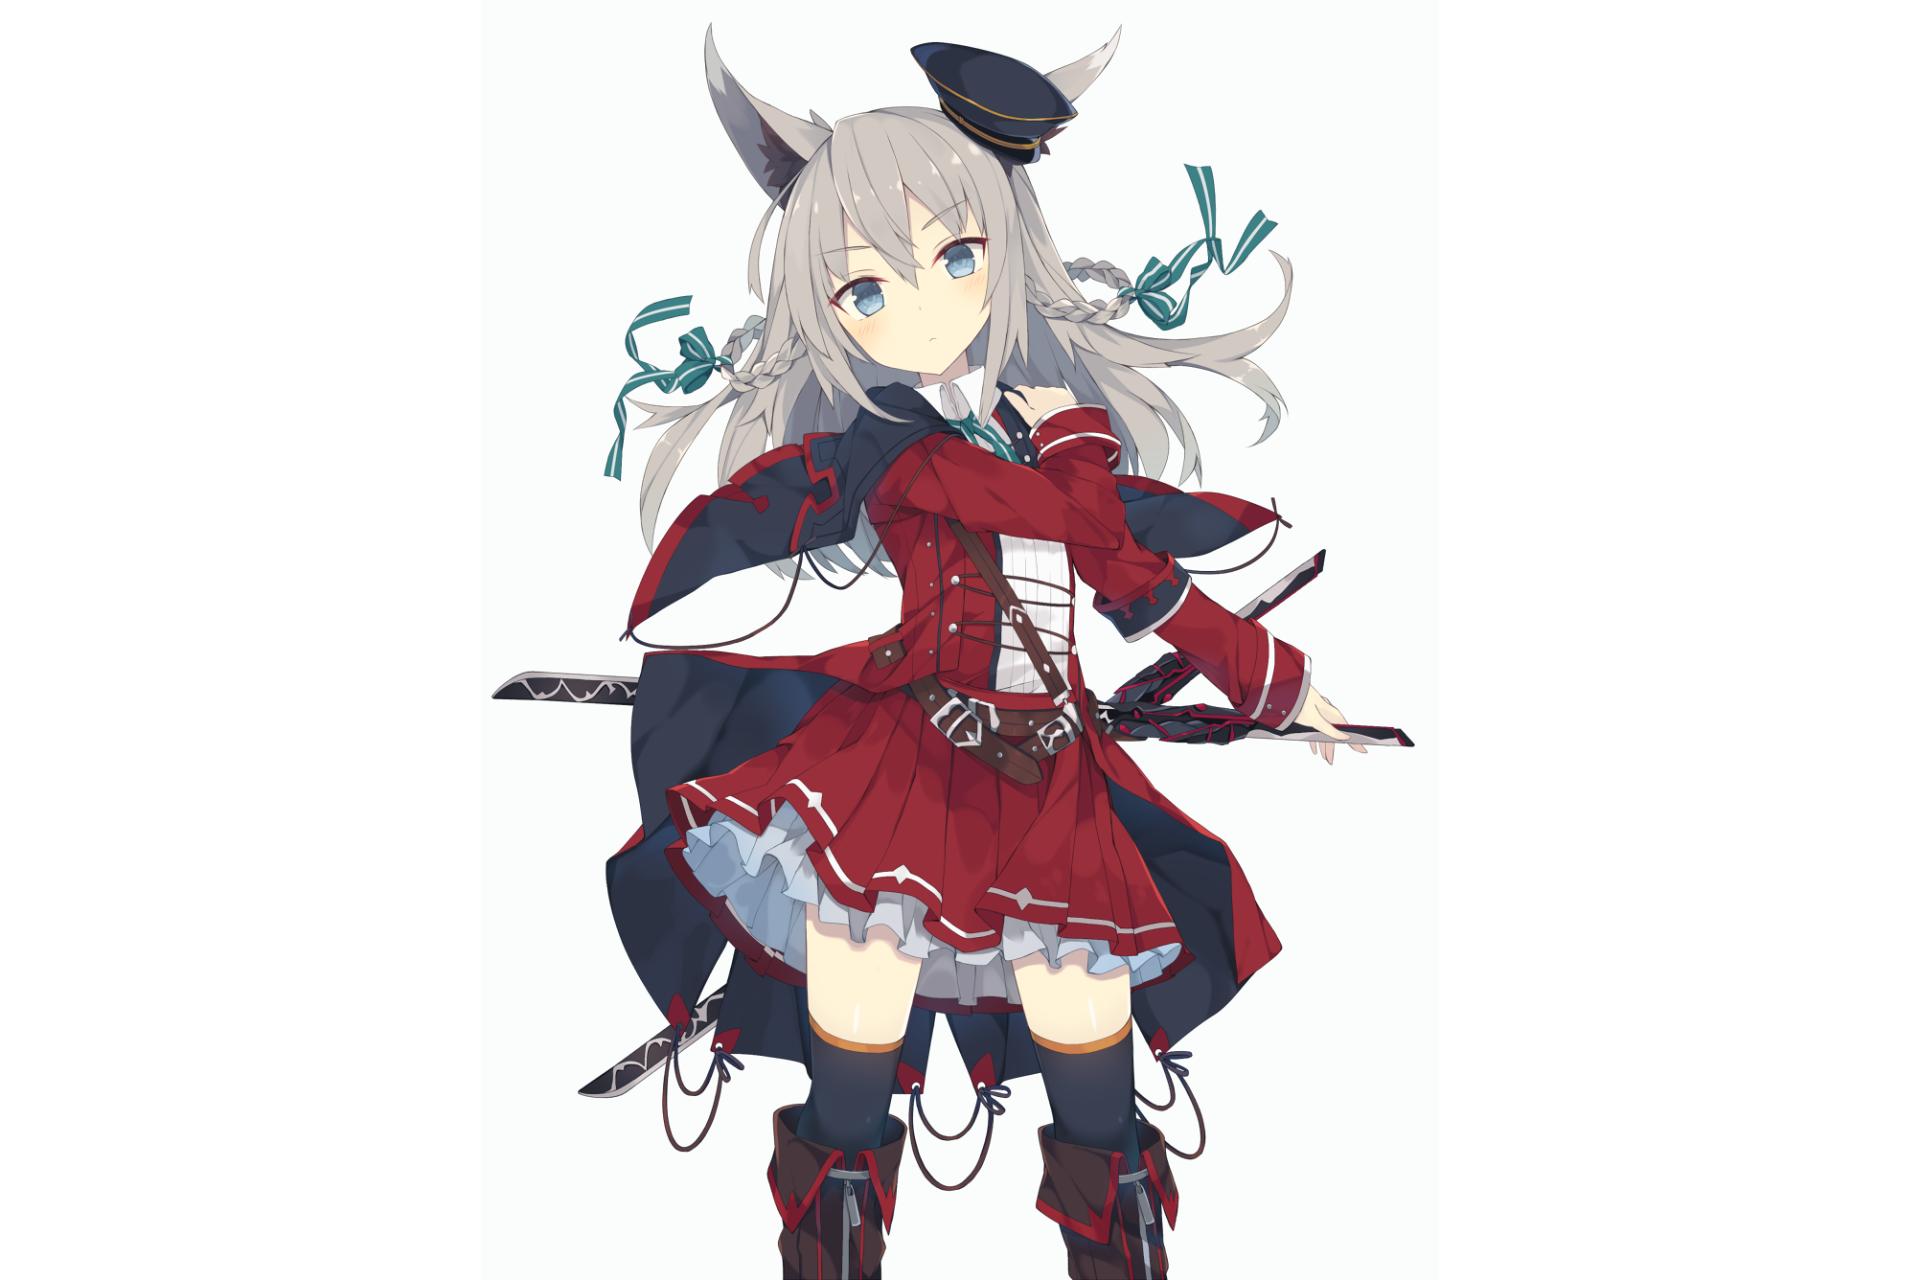 动漫 - 原创  Nekomimi Dress Thigh Highs 武士刀 Hat White Hair Uniform 女孩 壁纸